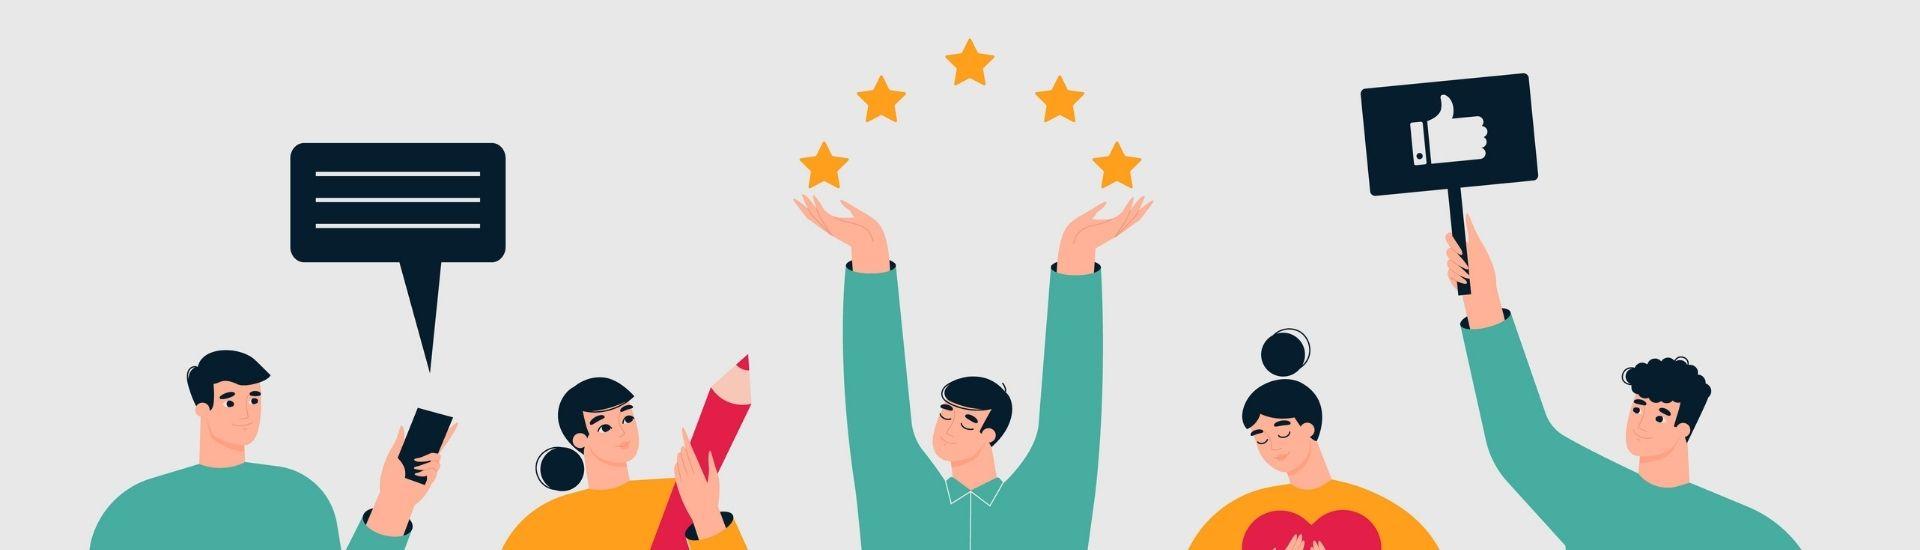 Ilustración de 5 jóvenes, que sostienen distintos objetos como un me gusta de redes, corazones y 5 estrellas, simbolizando una buena retroalimentación para estudiantes